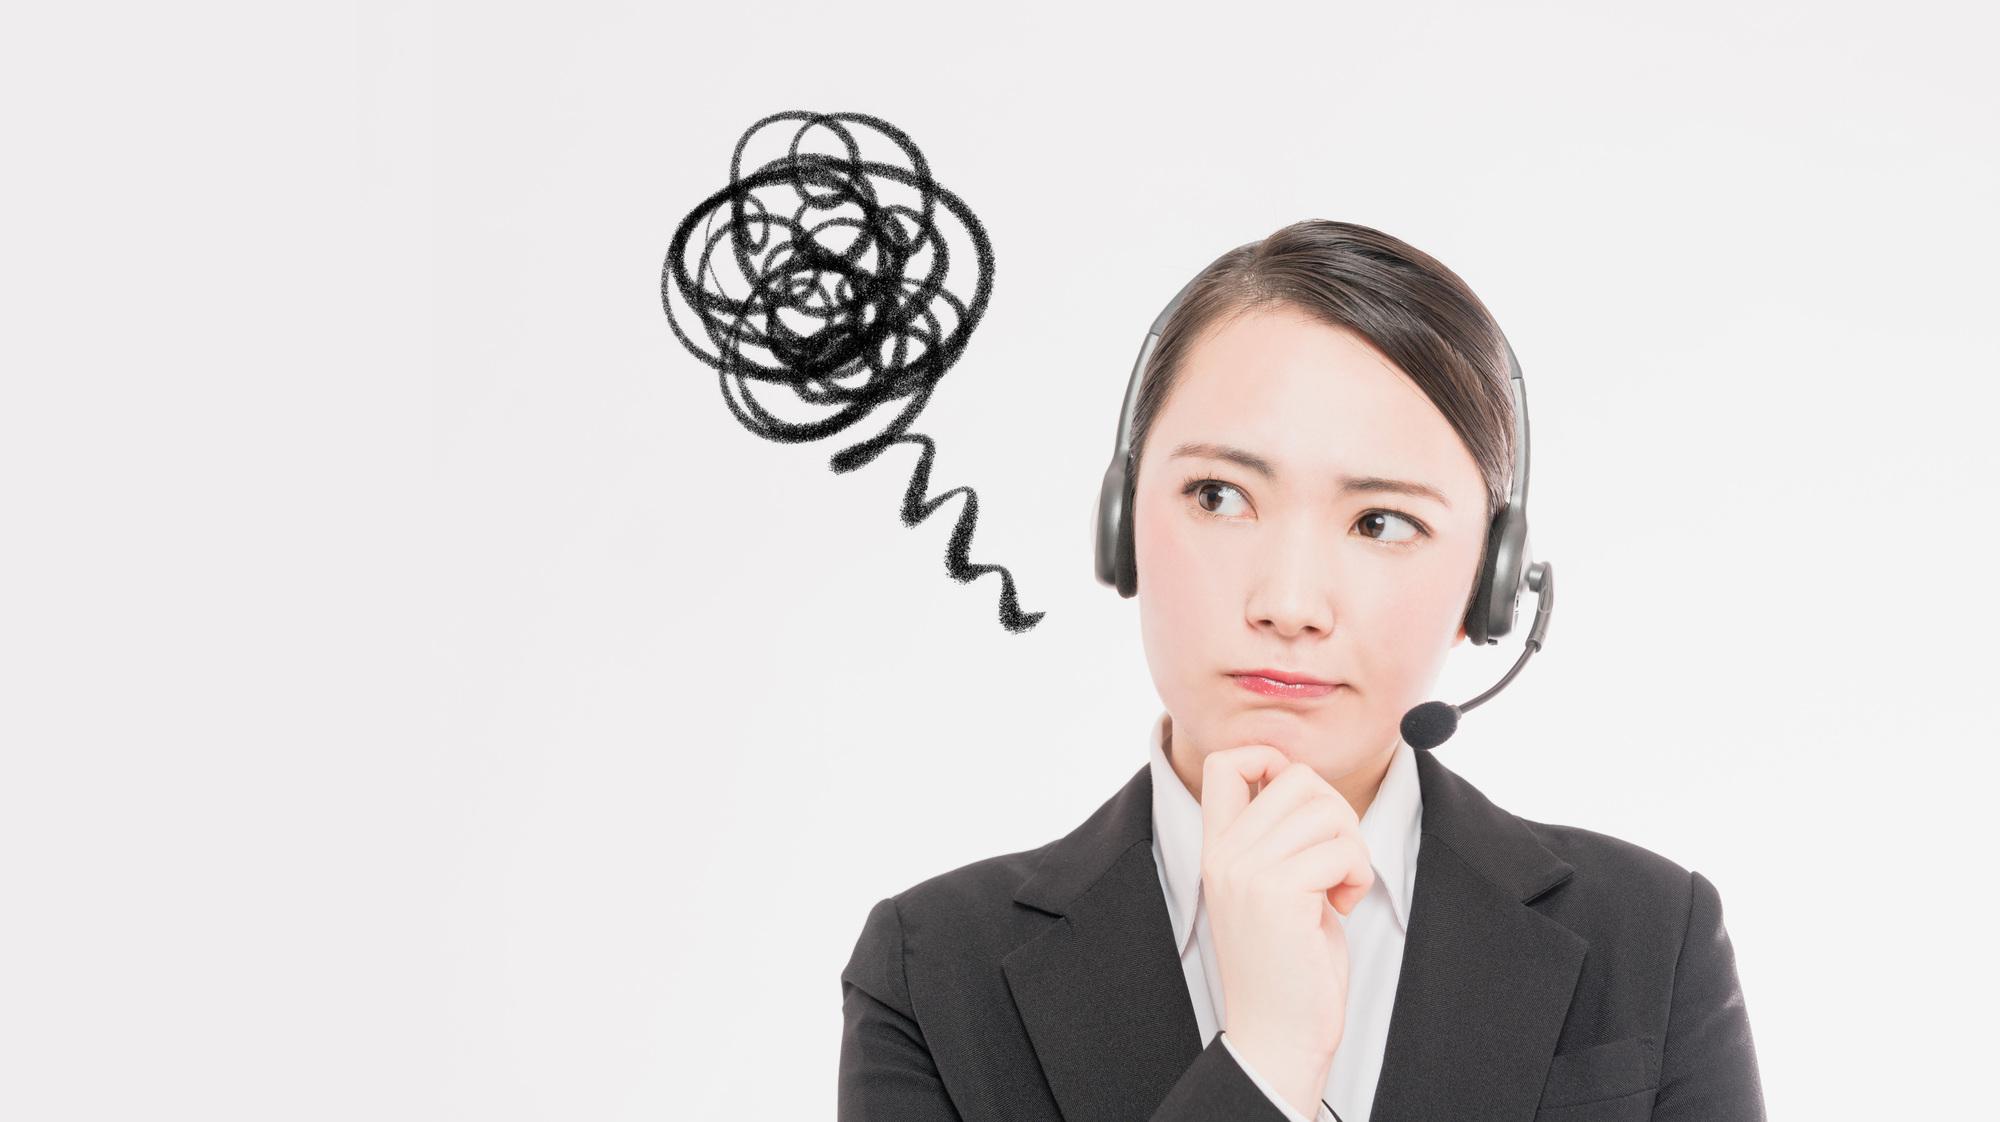 コールセンターのマネジメント課題をIVRの活用で解決!電話対応の最適化